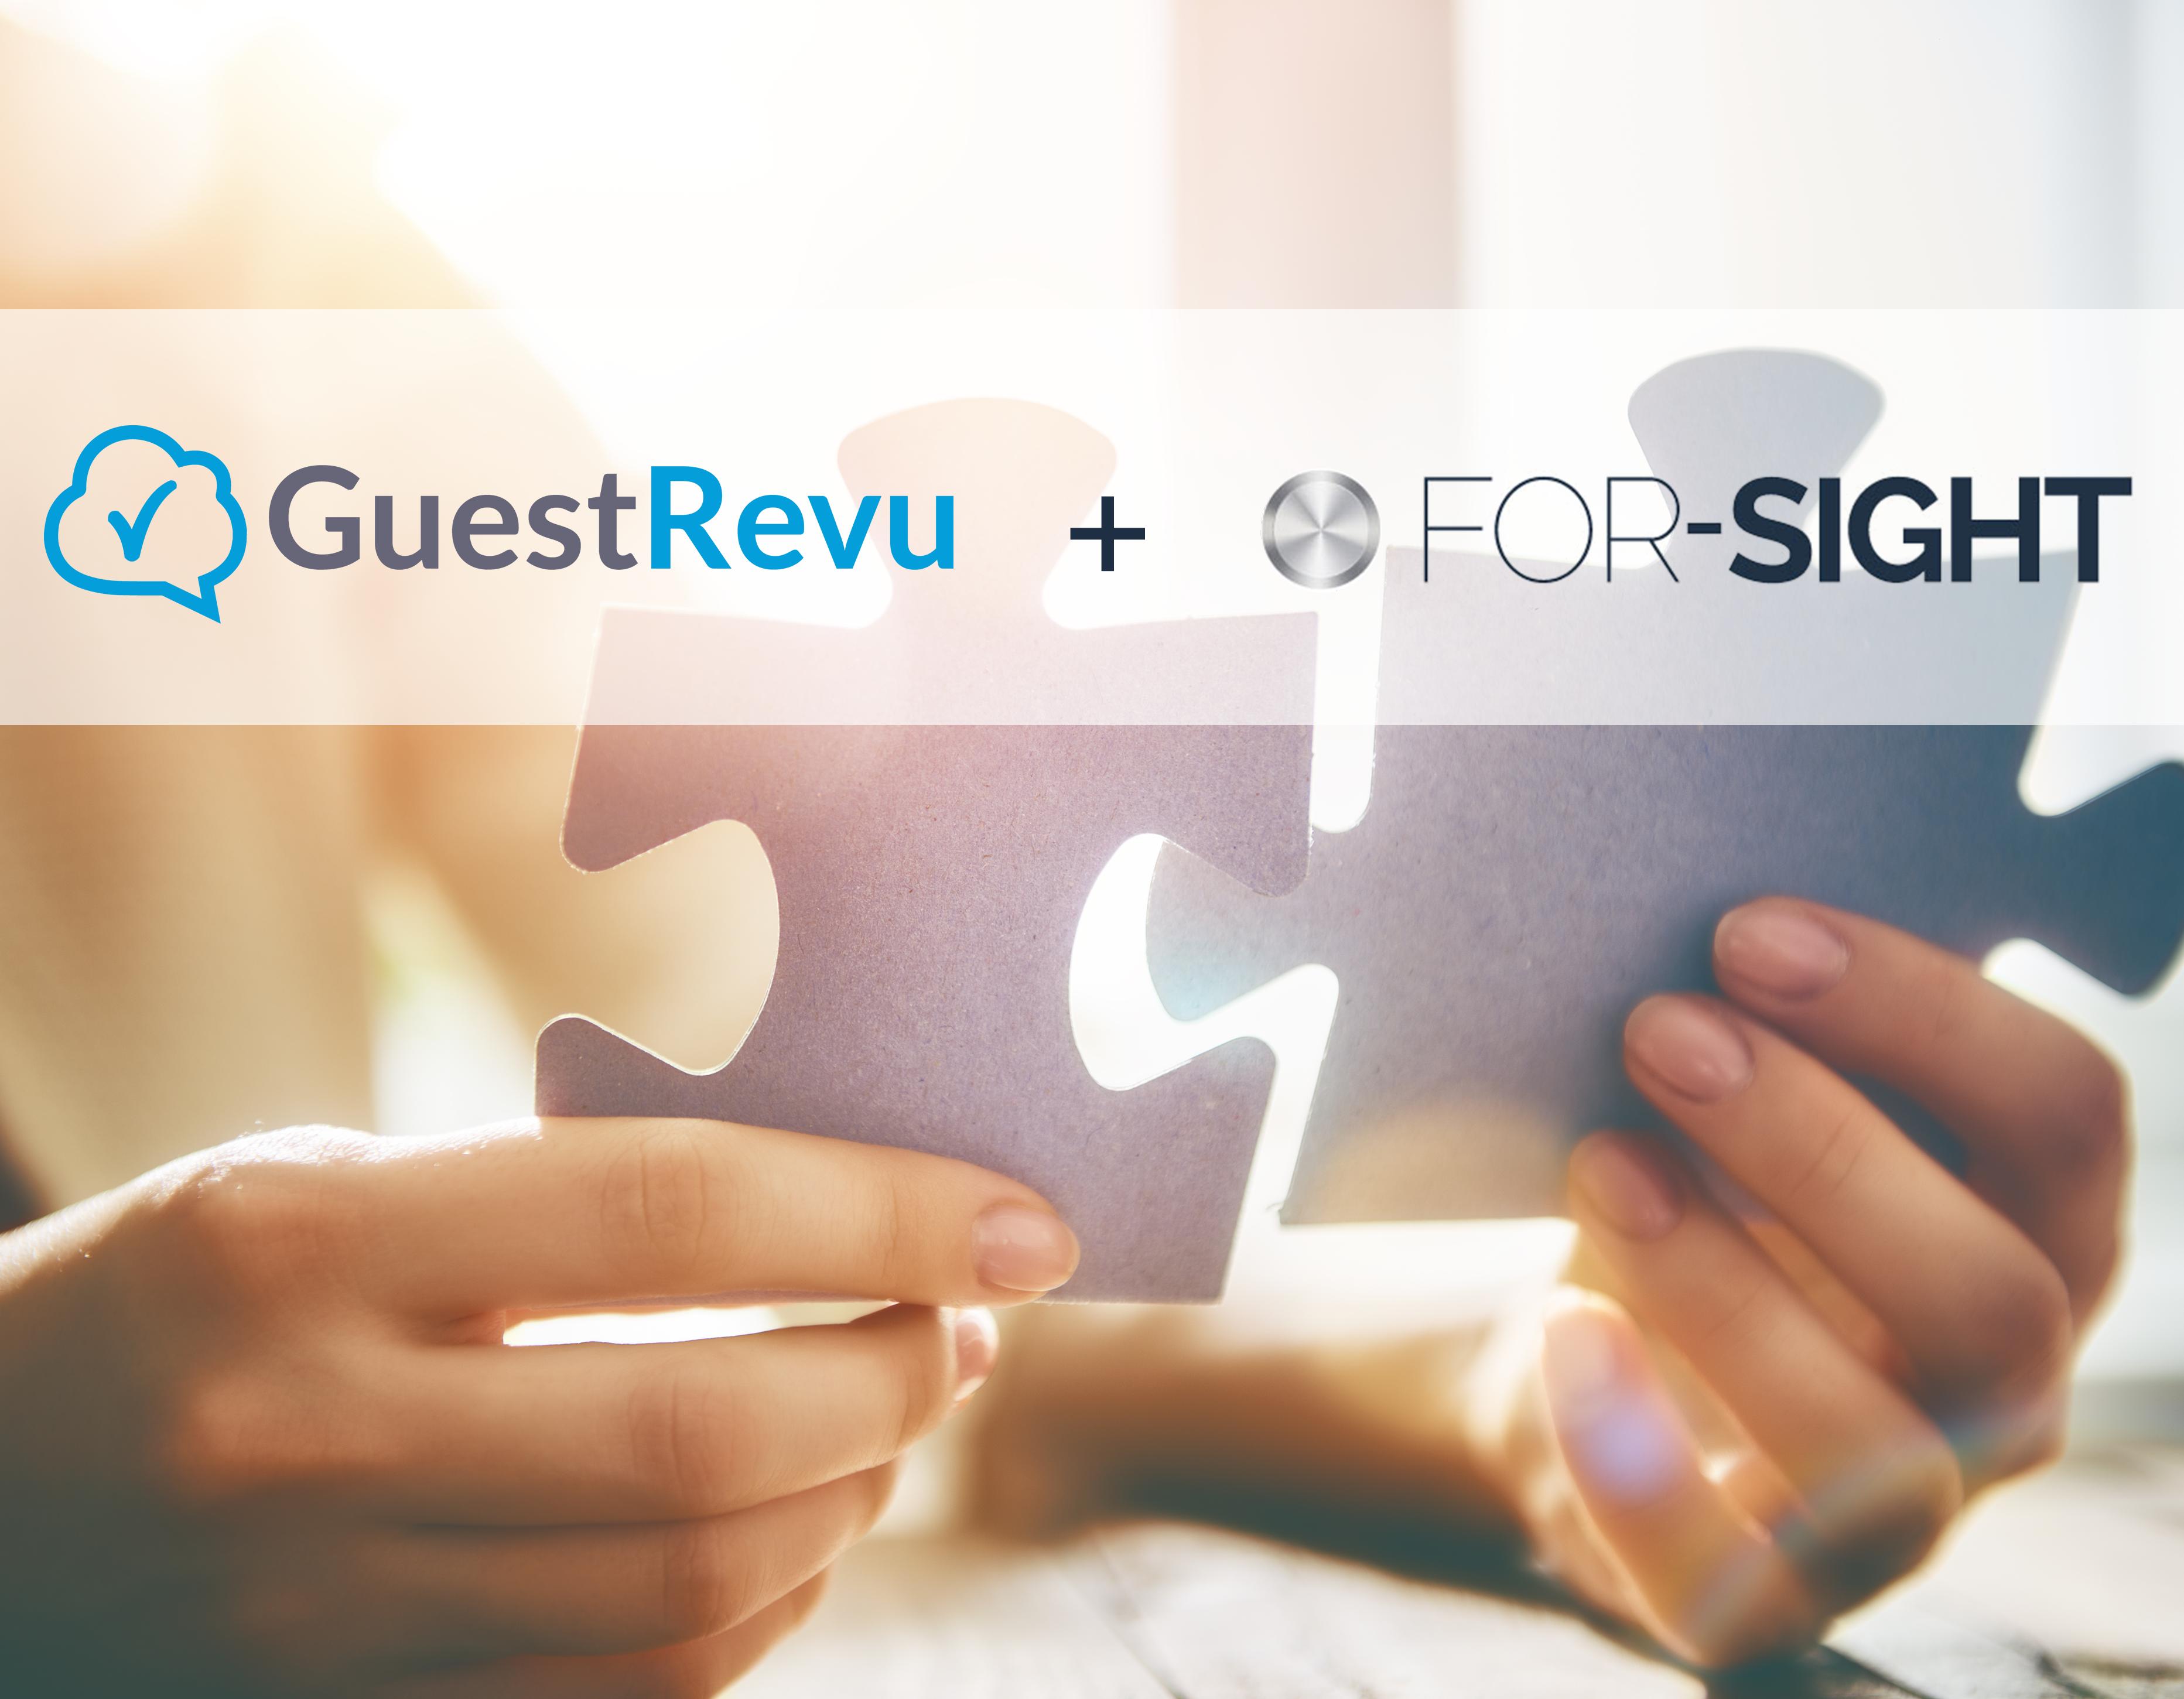 guestrevu-forsight-integration